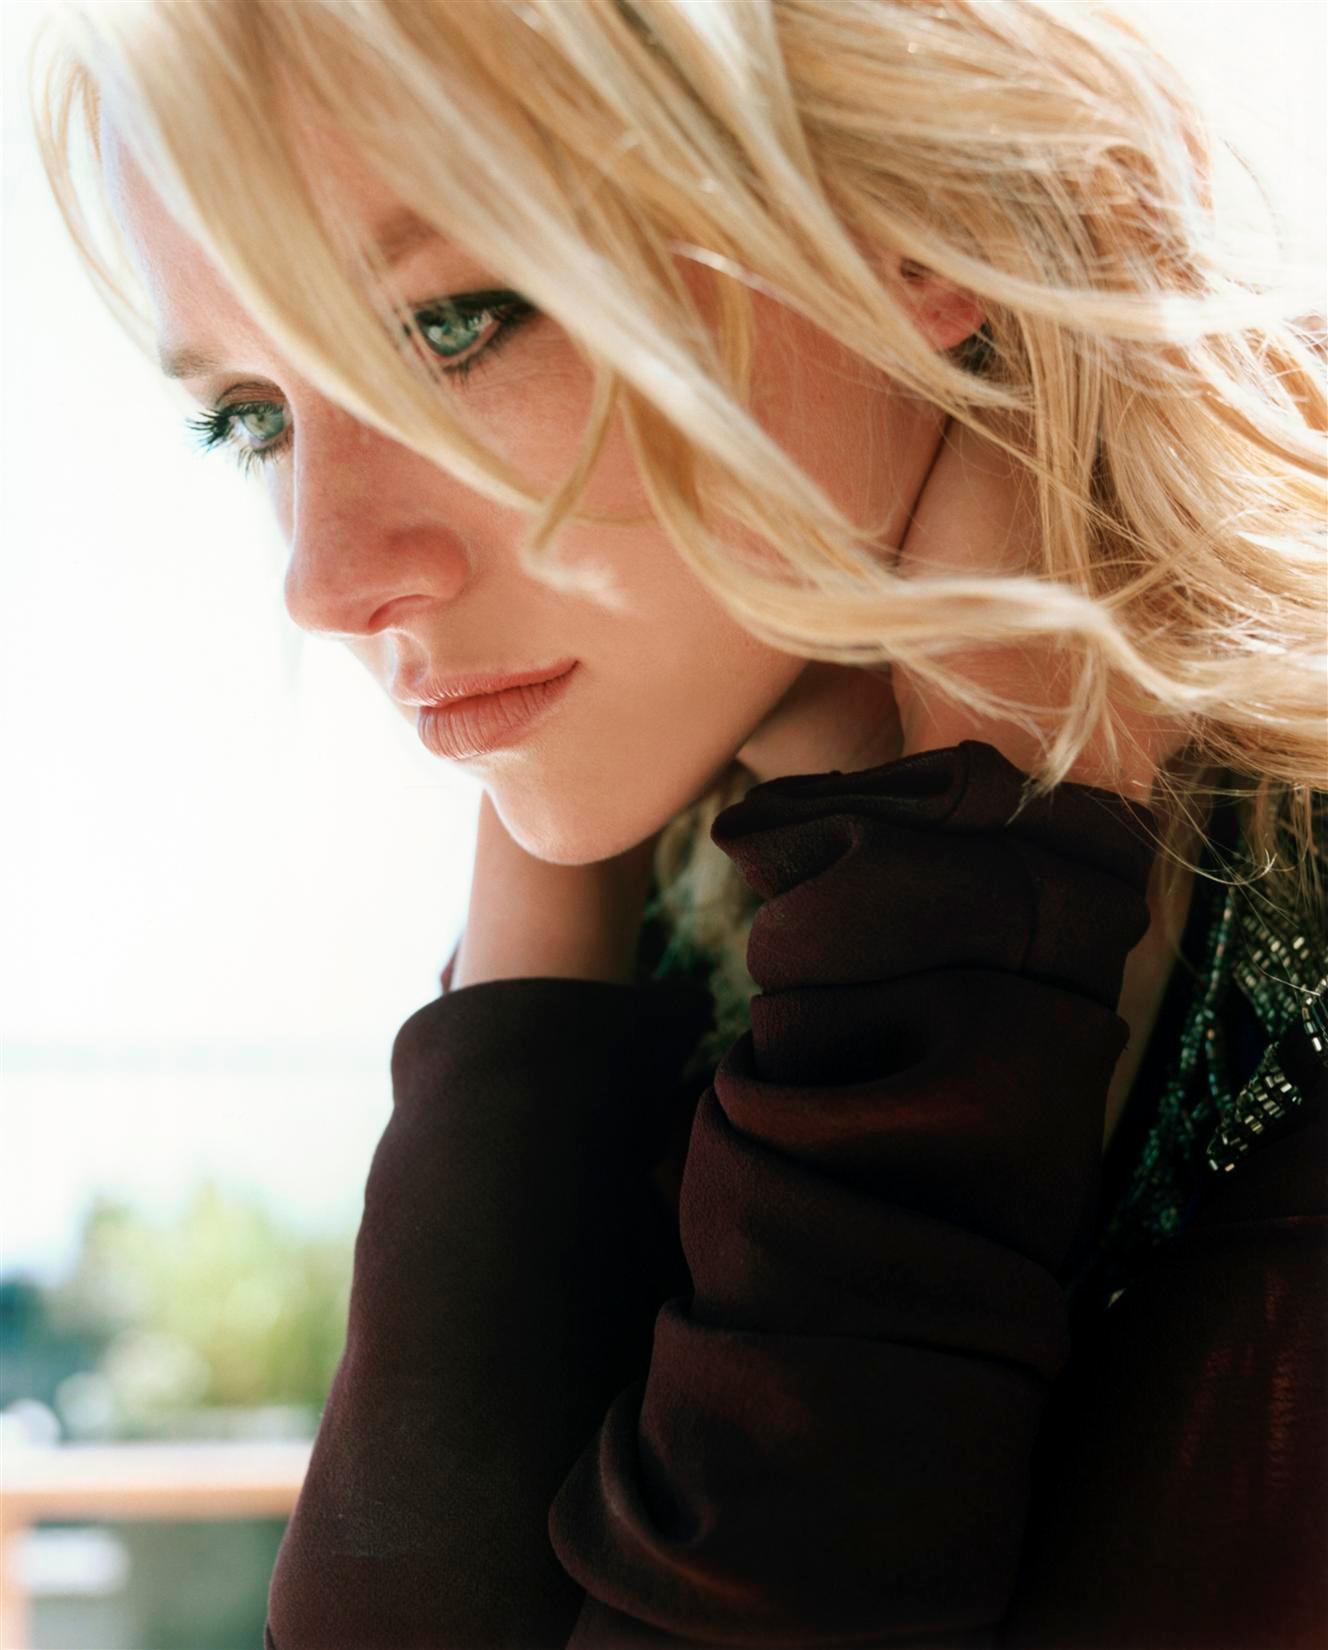 Фото простой блондинки 22 фотография